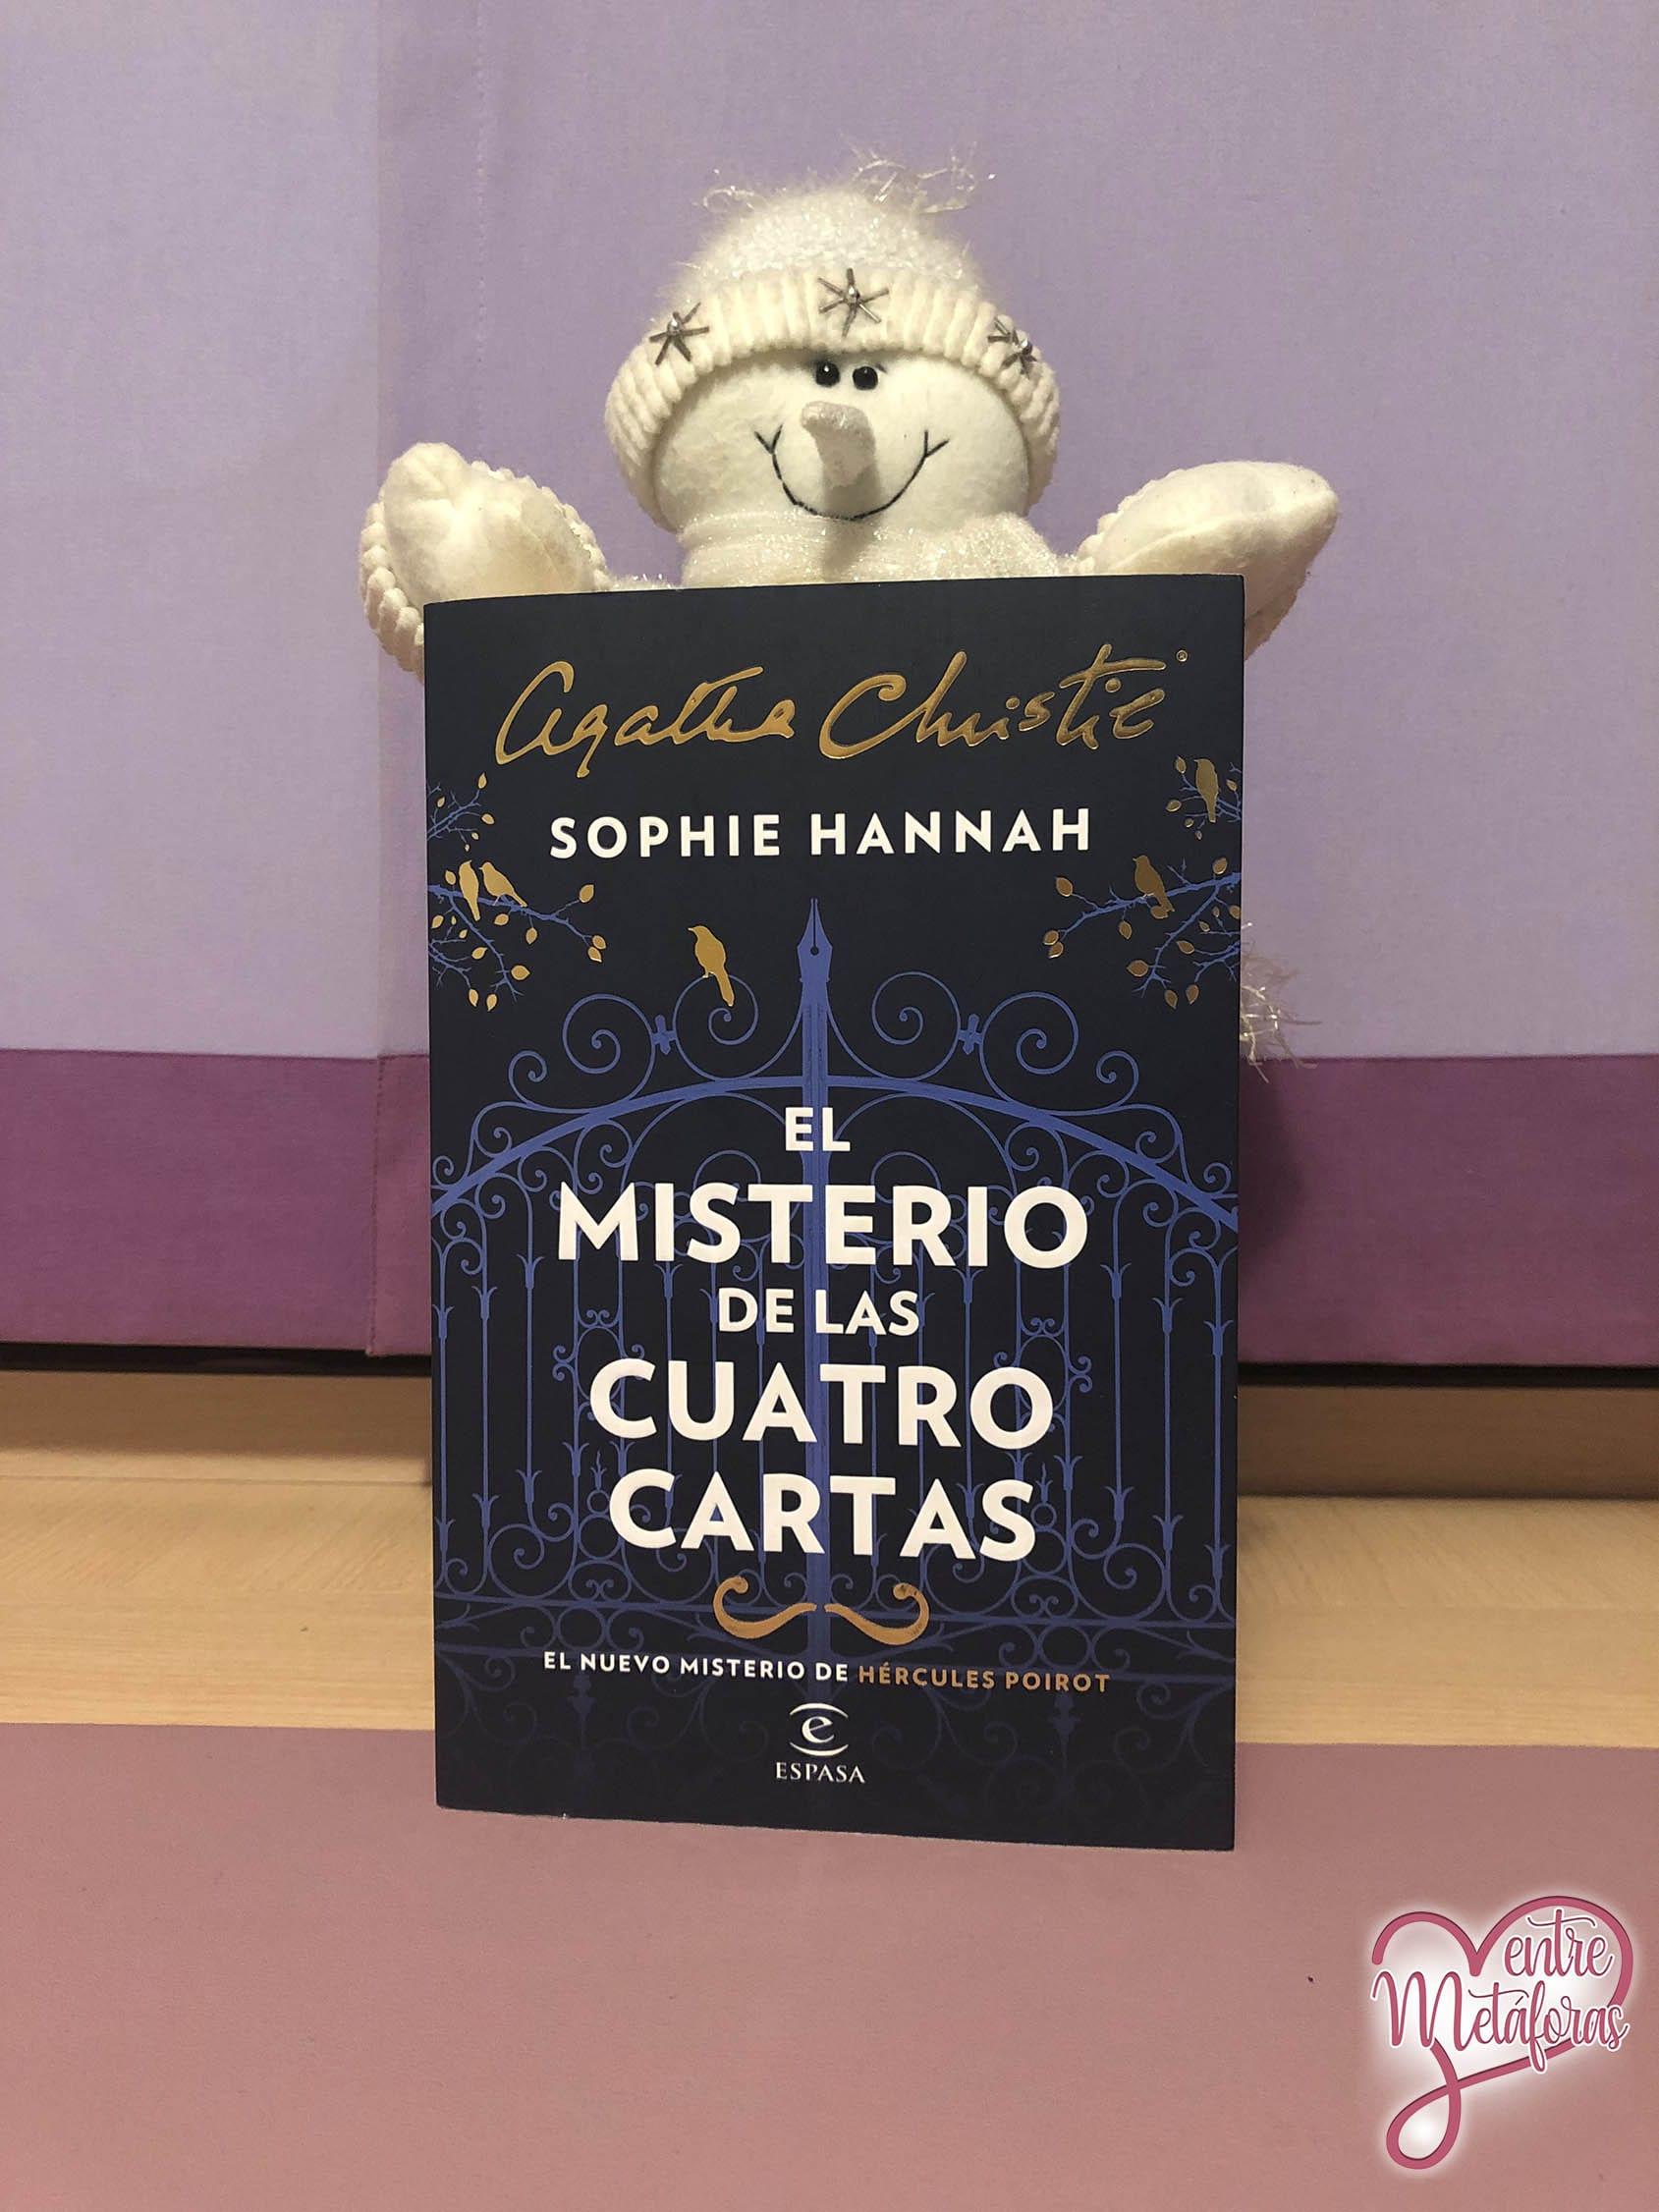 El misterio de las cuatro cartas, de Sophie Hannah - Reseña